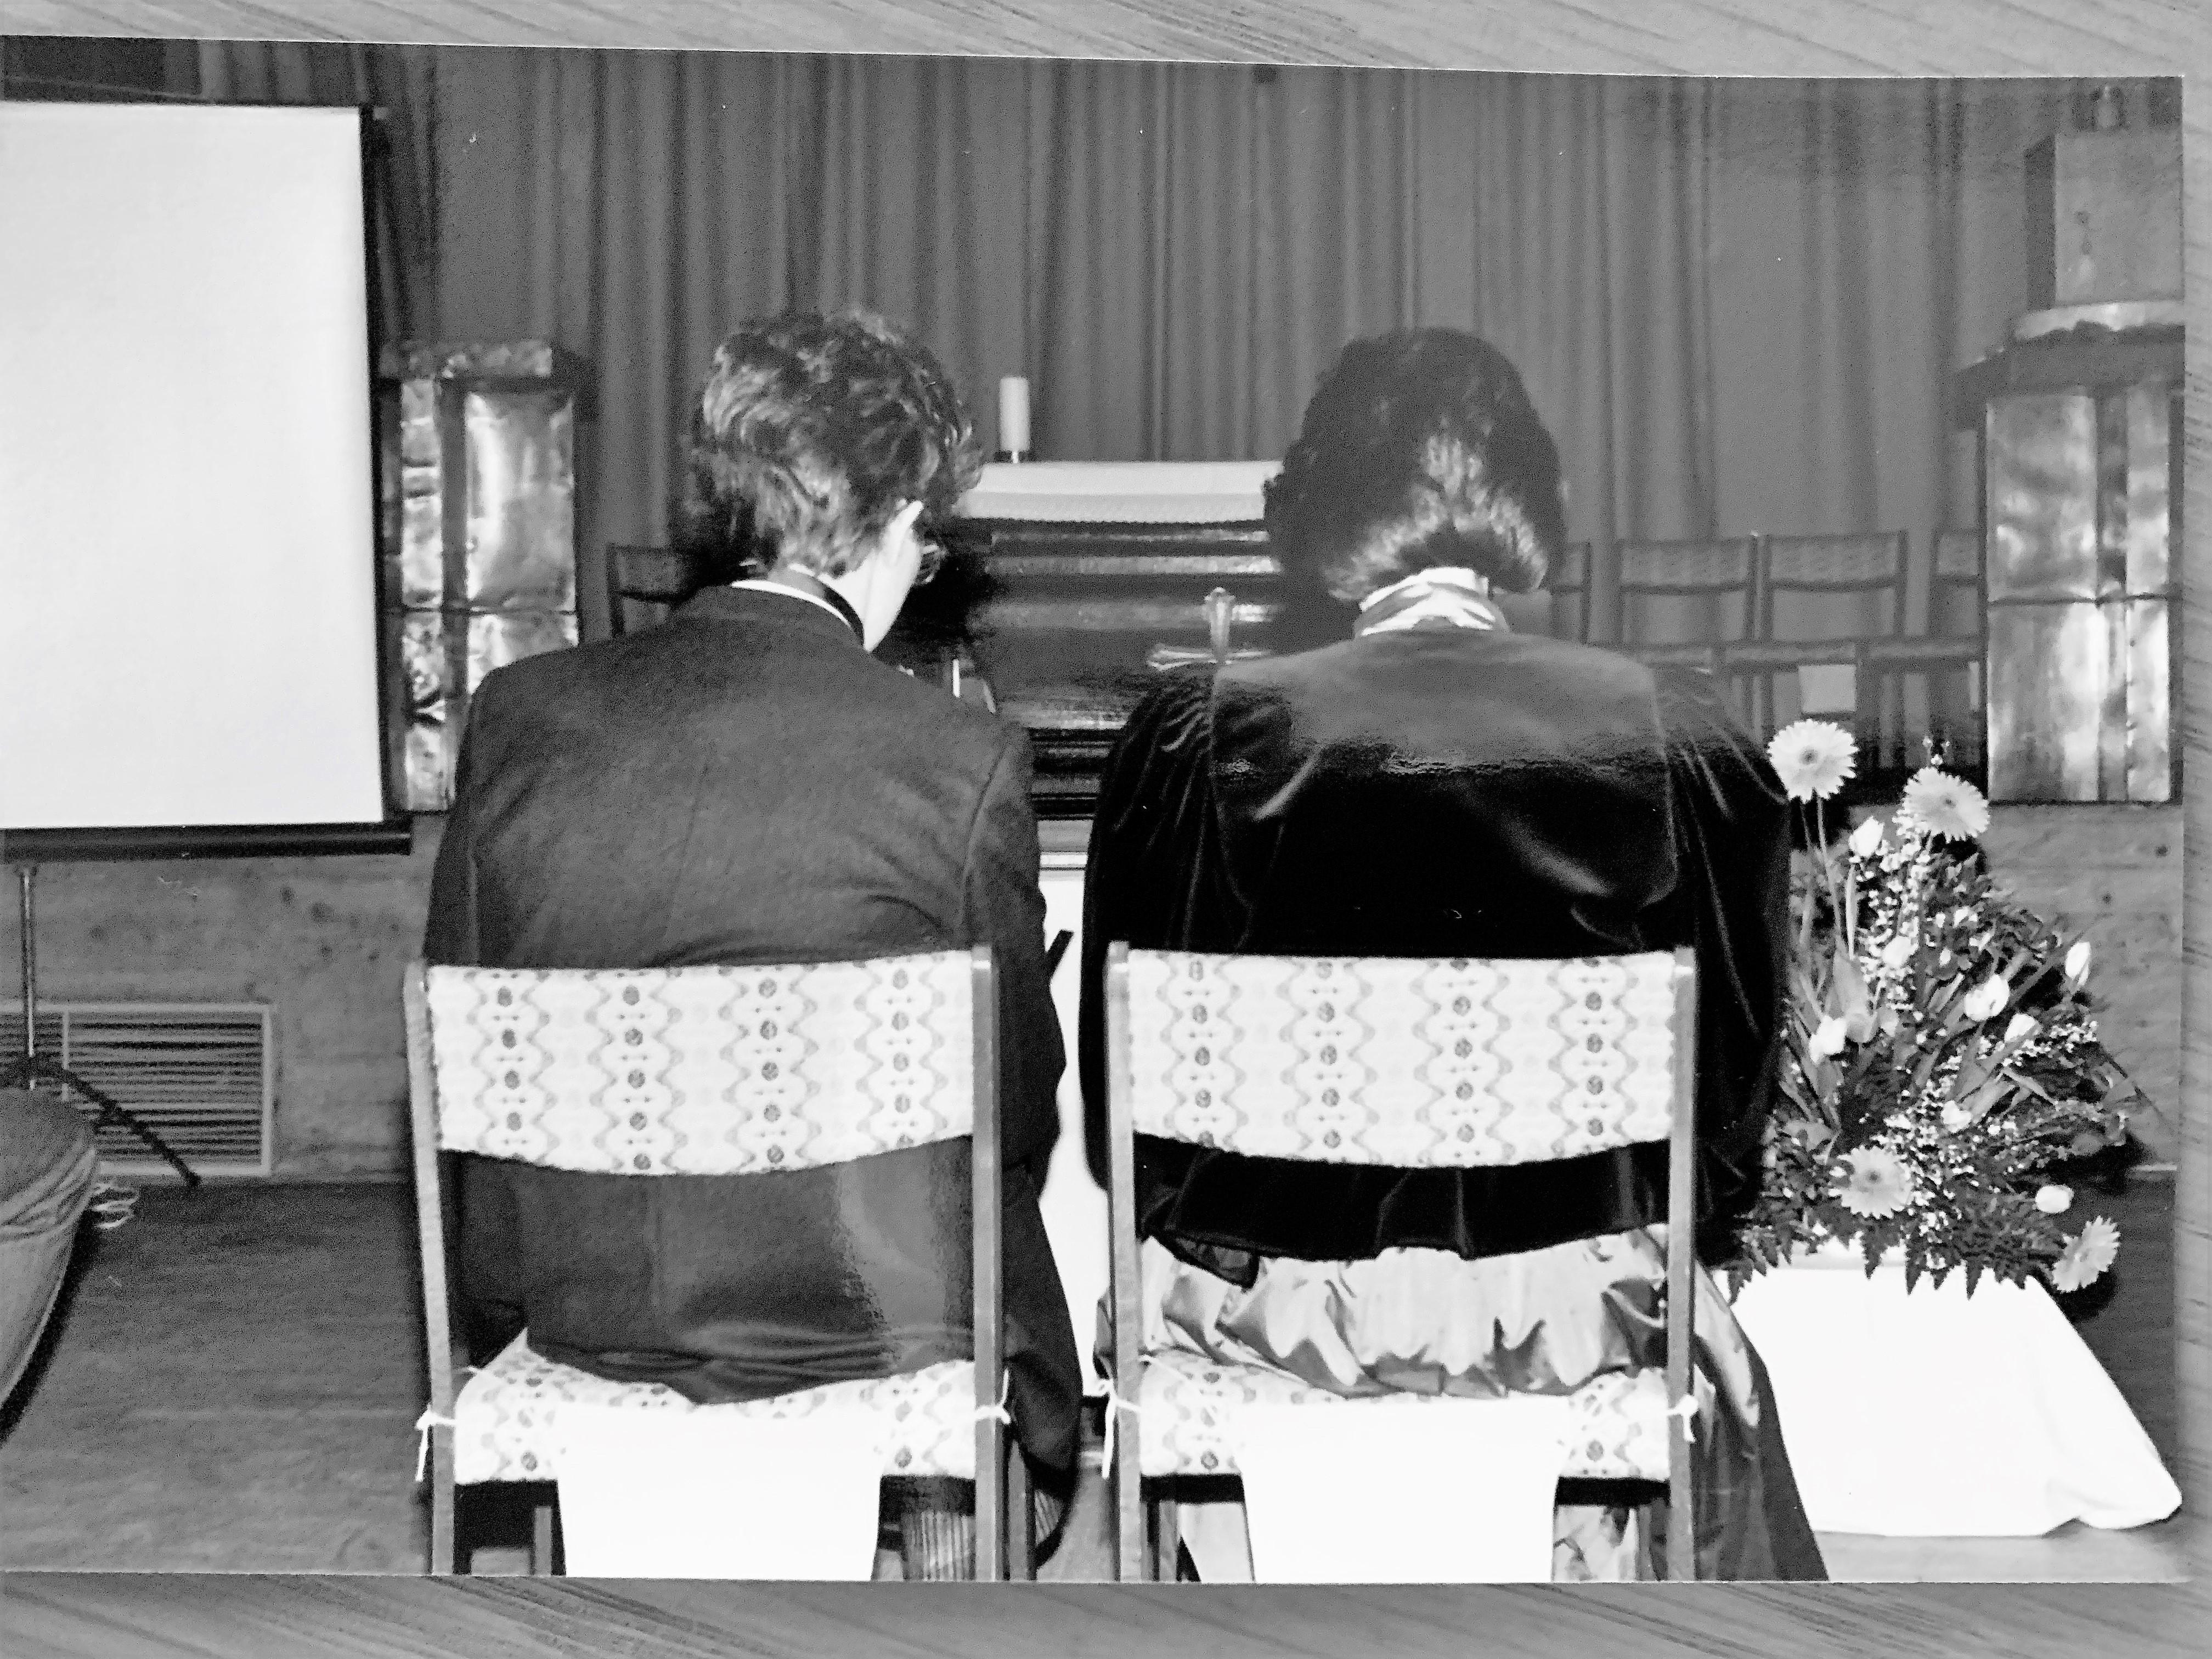 Die zerbröselte Hochzeitsnacht | story.one